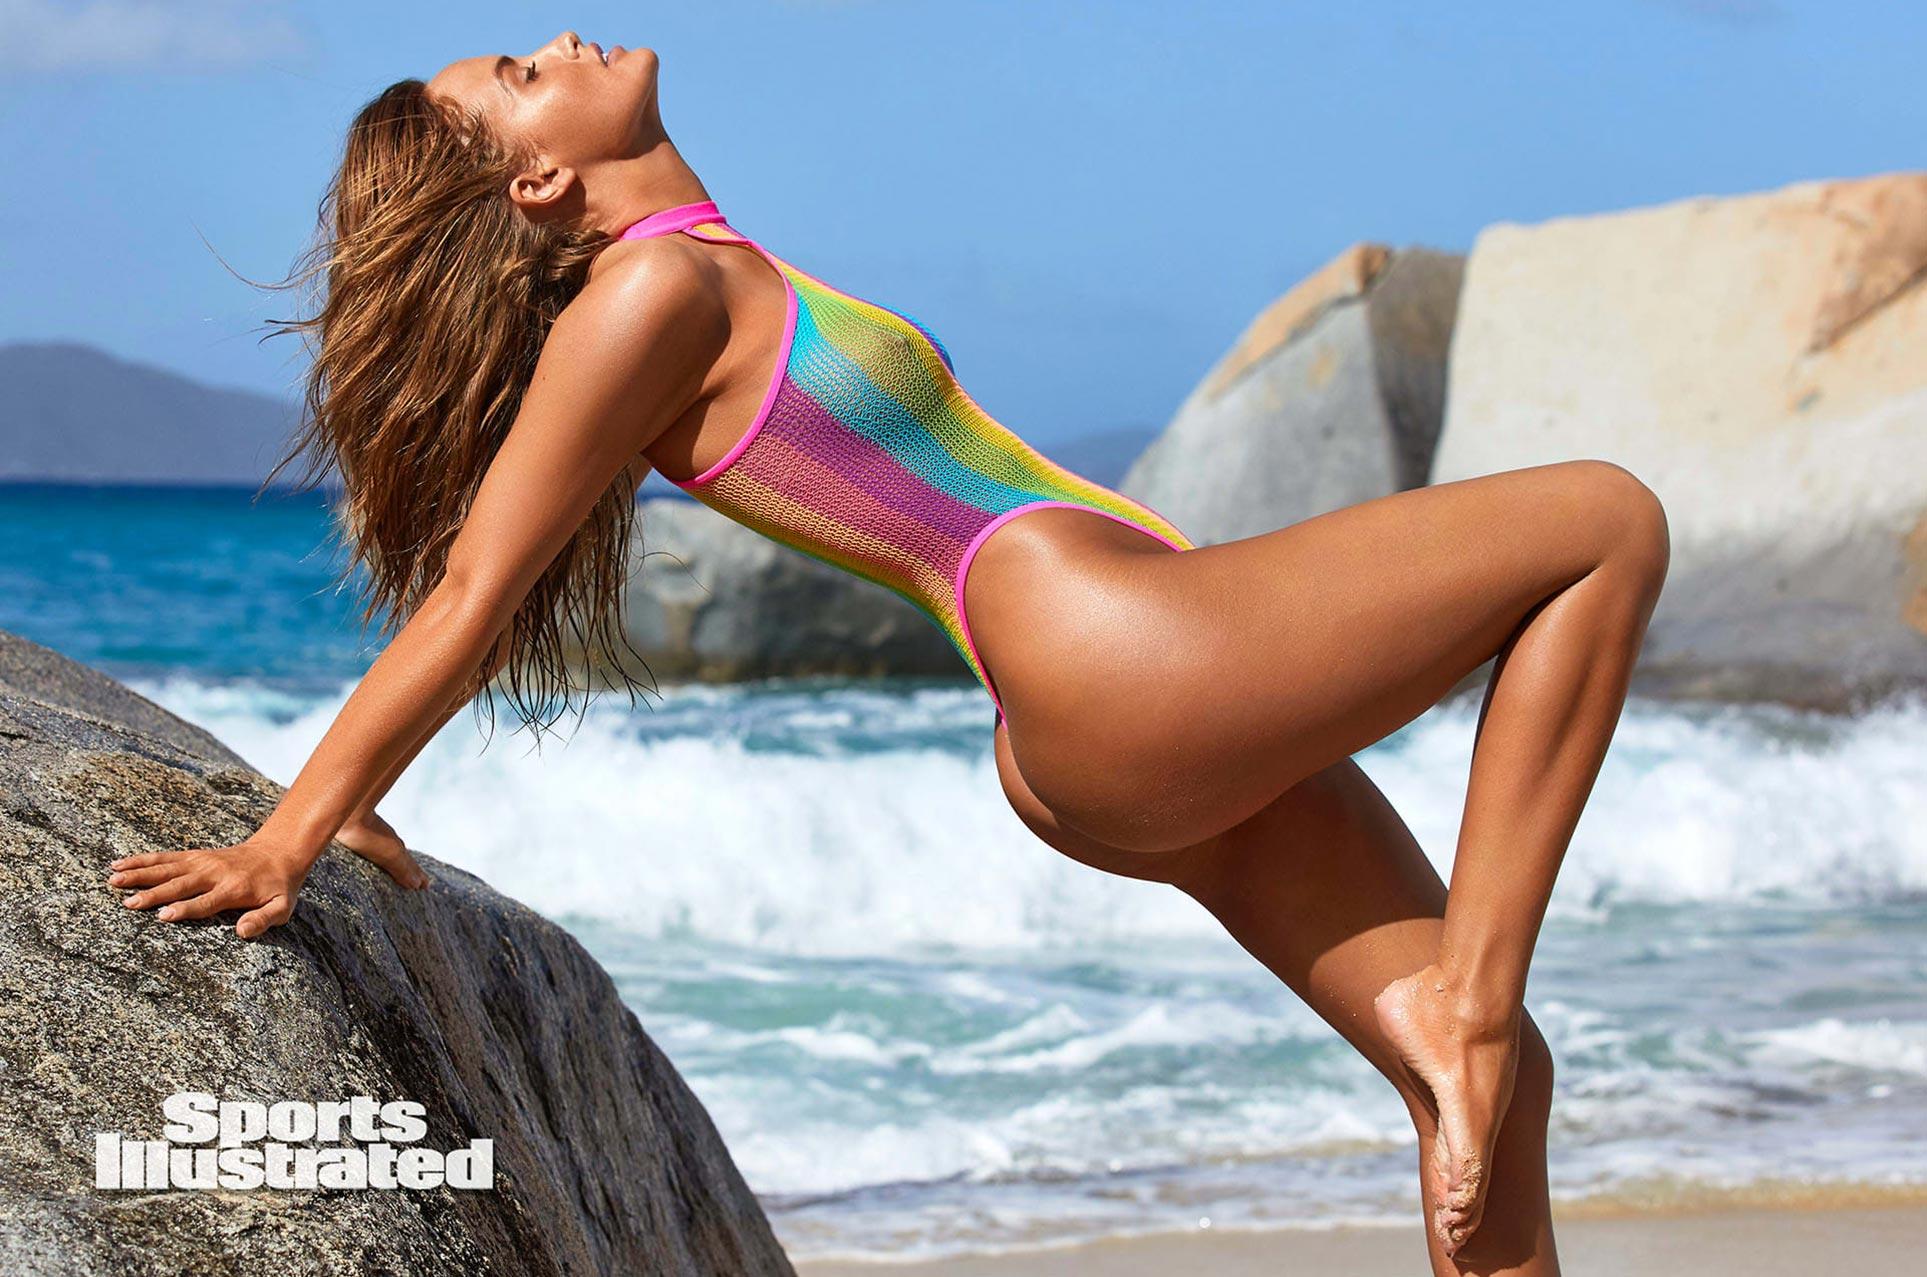 Хейли Калил в каталоге купальников Sports Illustrated Swimsuit 2020 / фото 01